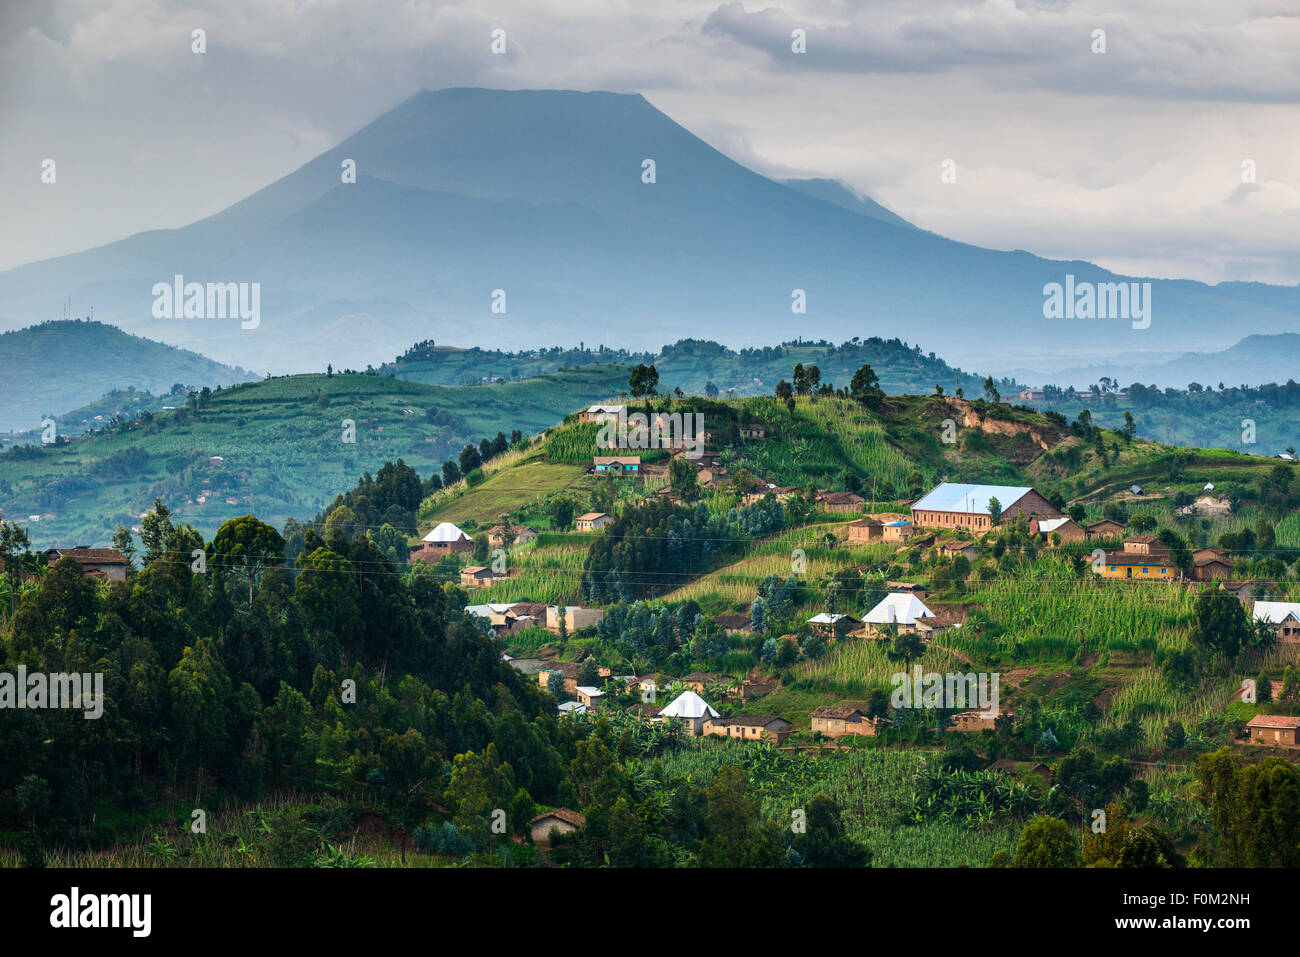 View of the Virungas, Rwanda, Africa - Stock Image